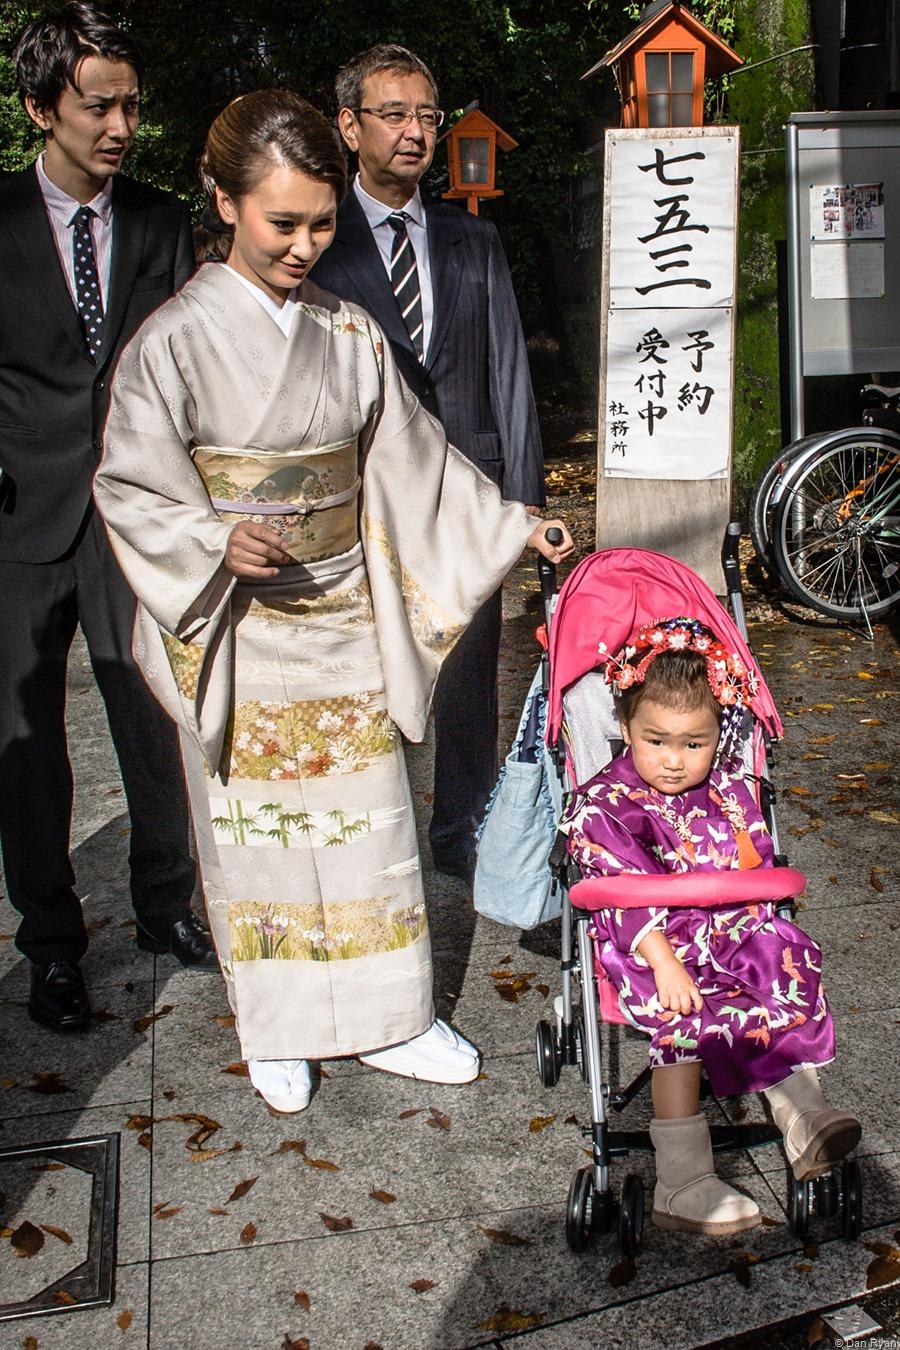 Akagi Shrine, Kagurazaka, Tokyo 2015 (Story: http://www.brisbanegraphicartsmuseum.com/?p=116)